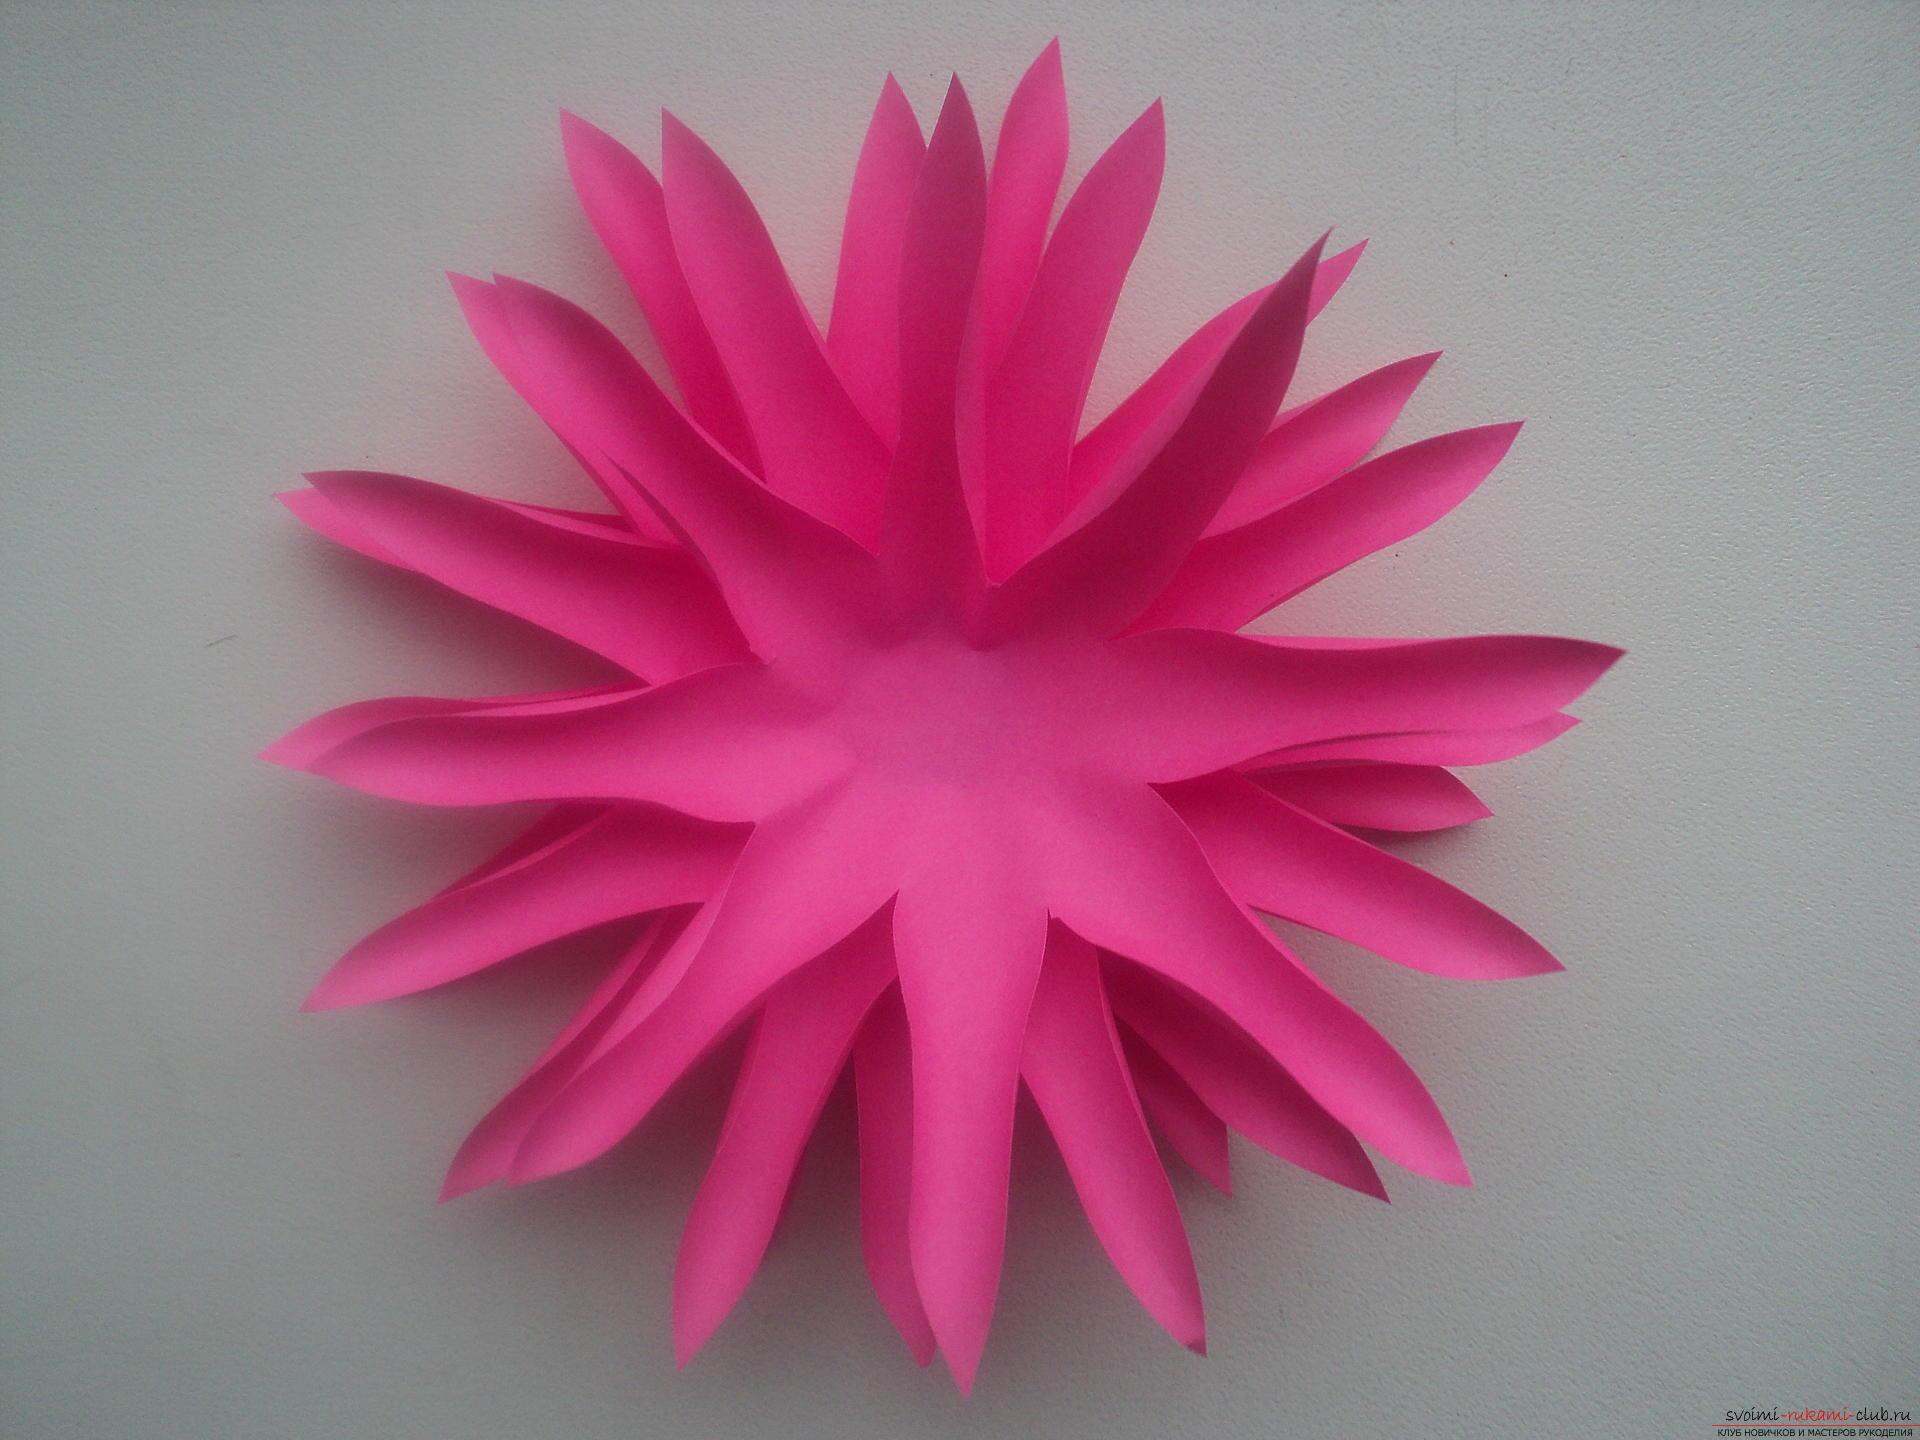 Красивые объёмные цветы из бумаги. каллы — стильные цветы из бумаги своими руками. георгин из бумаги